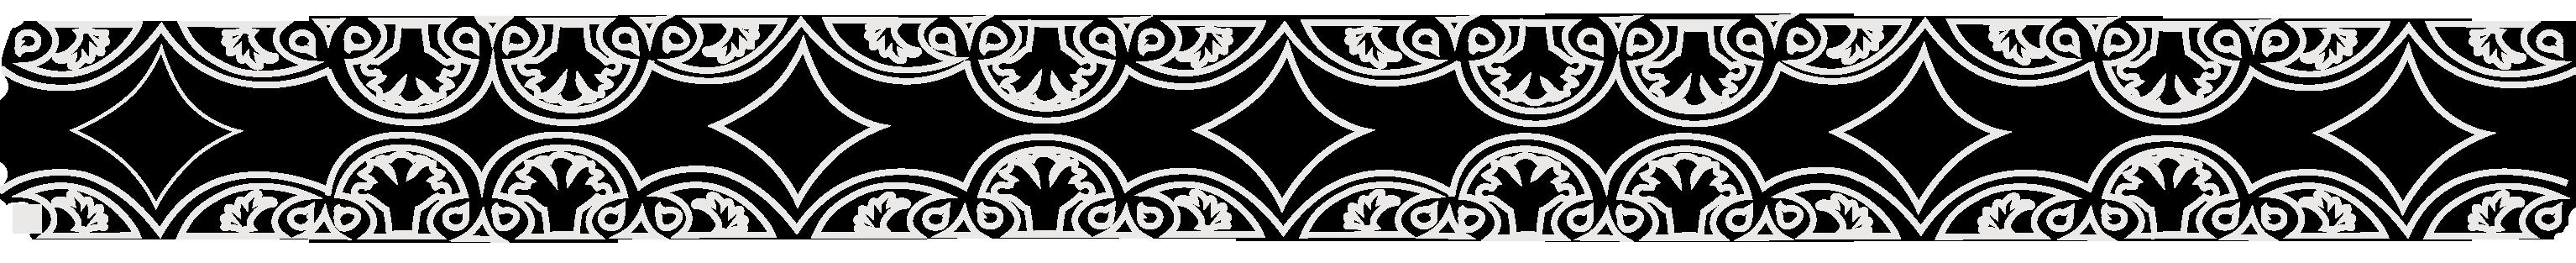 Cadiz Design